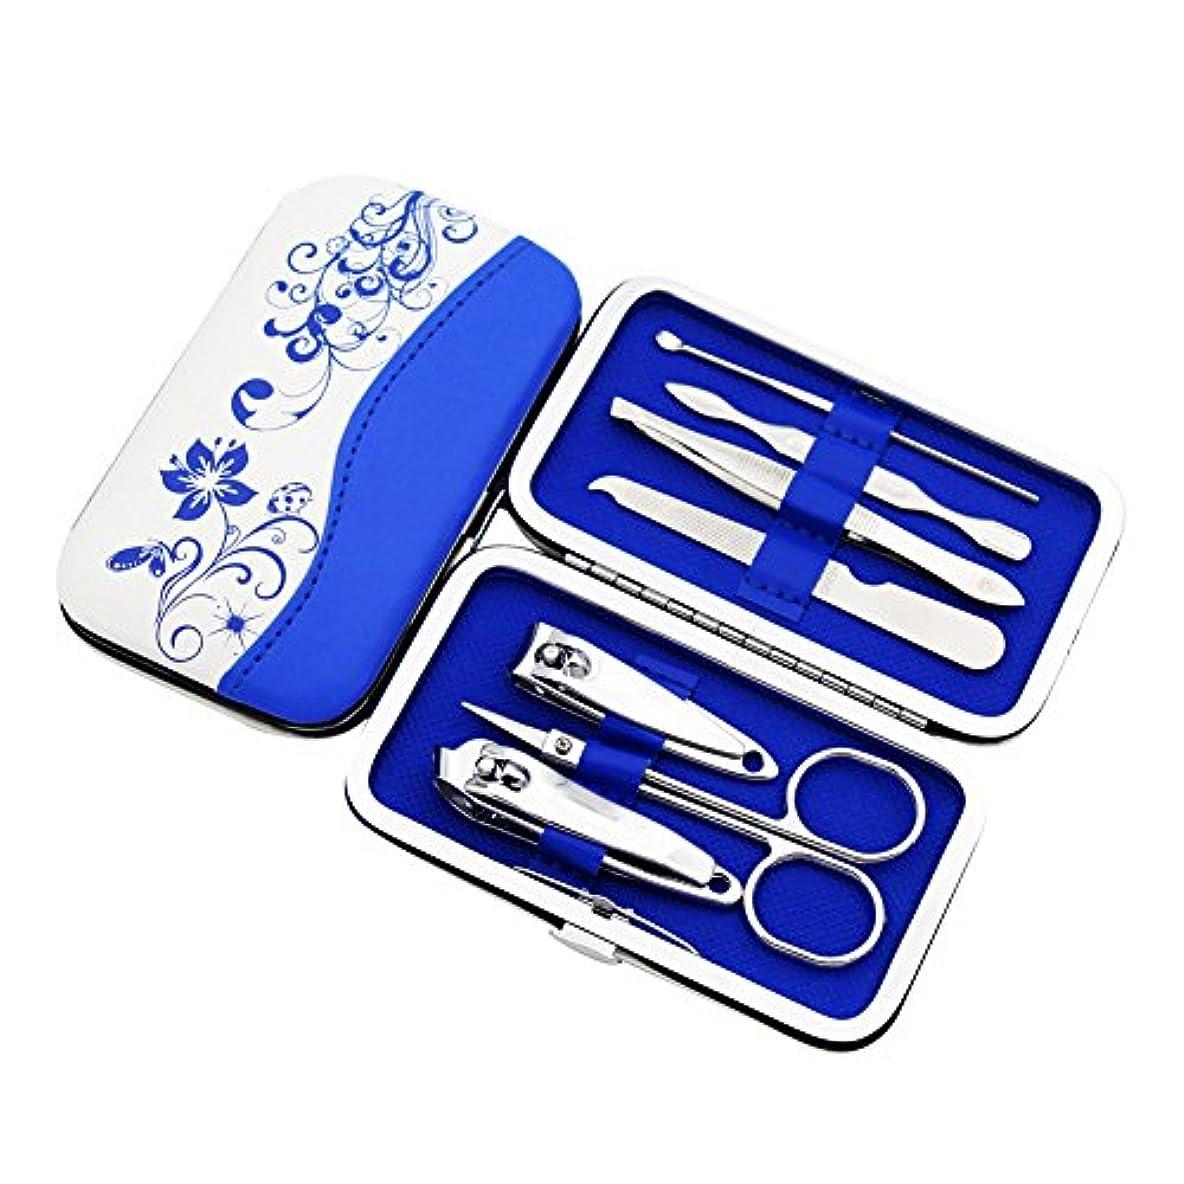 むちゃくちゃ経験的発行するMyMei 爪切り 爪やすり 7点セット ステンレス製 携帯便利 収納ケース付き 耐摩 耐久